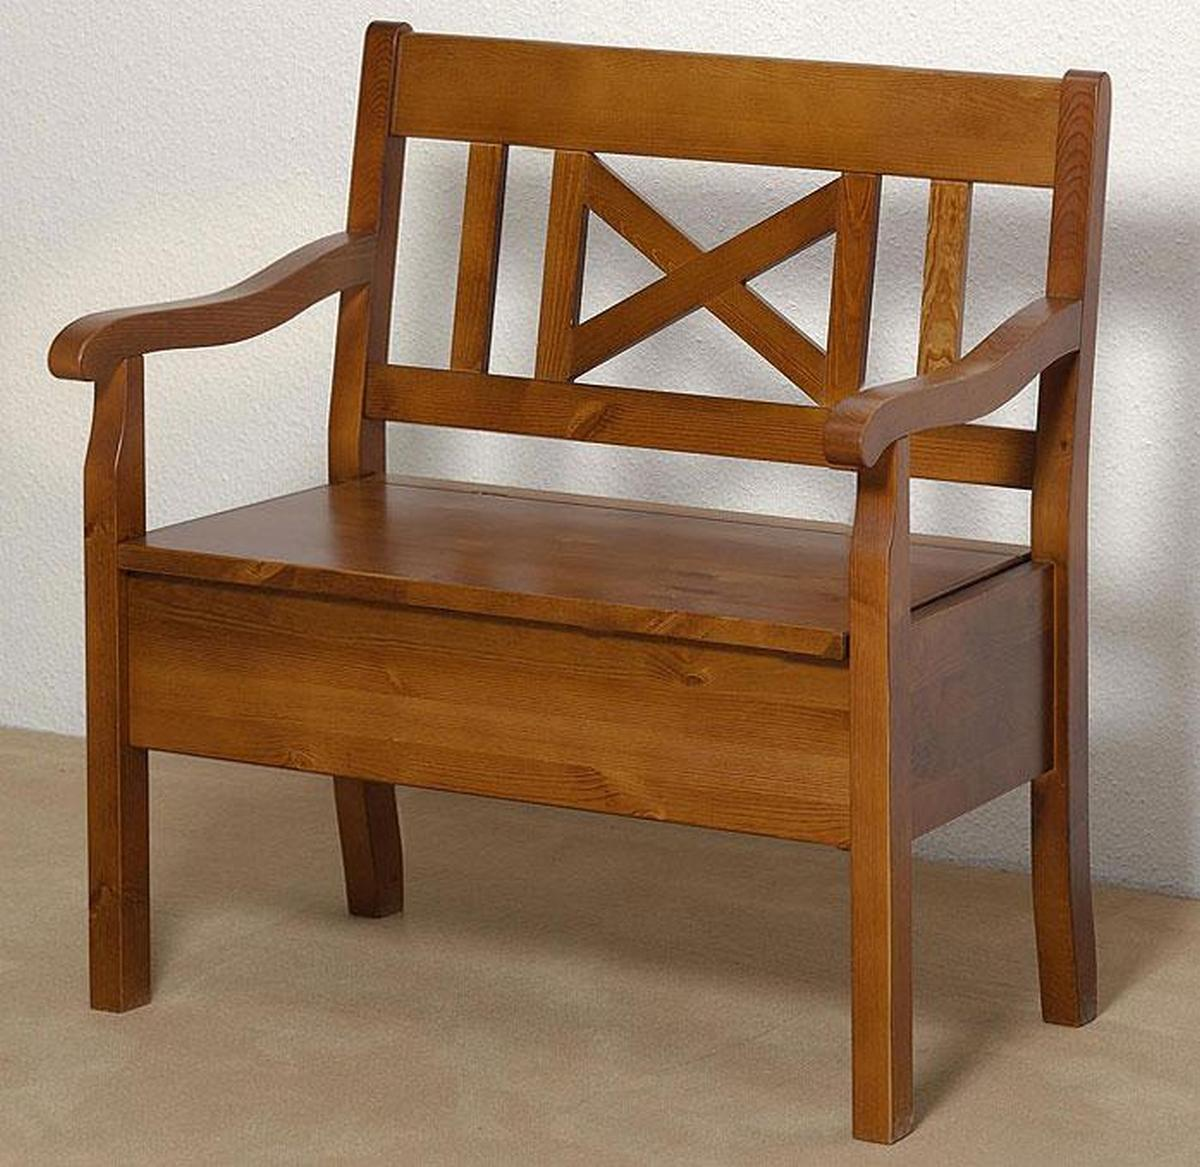 esszimmer mit bank und lehne. Black Bedroom Furniture Sets. Home Design Ideas